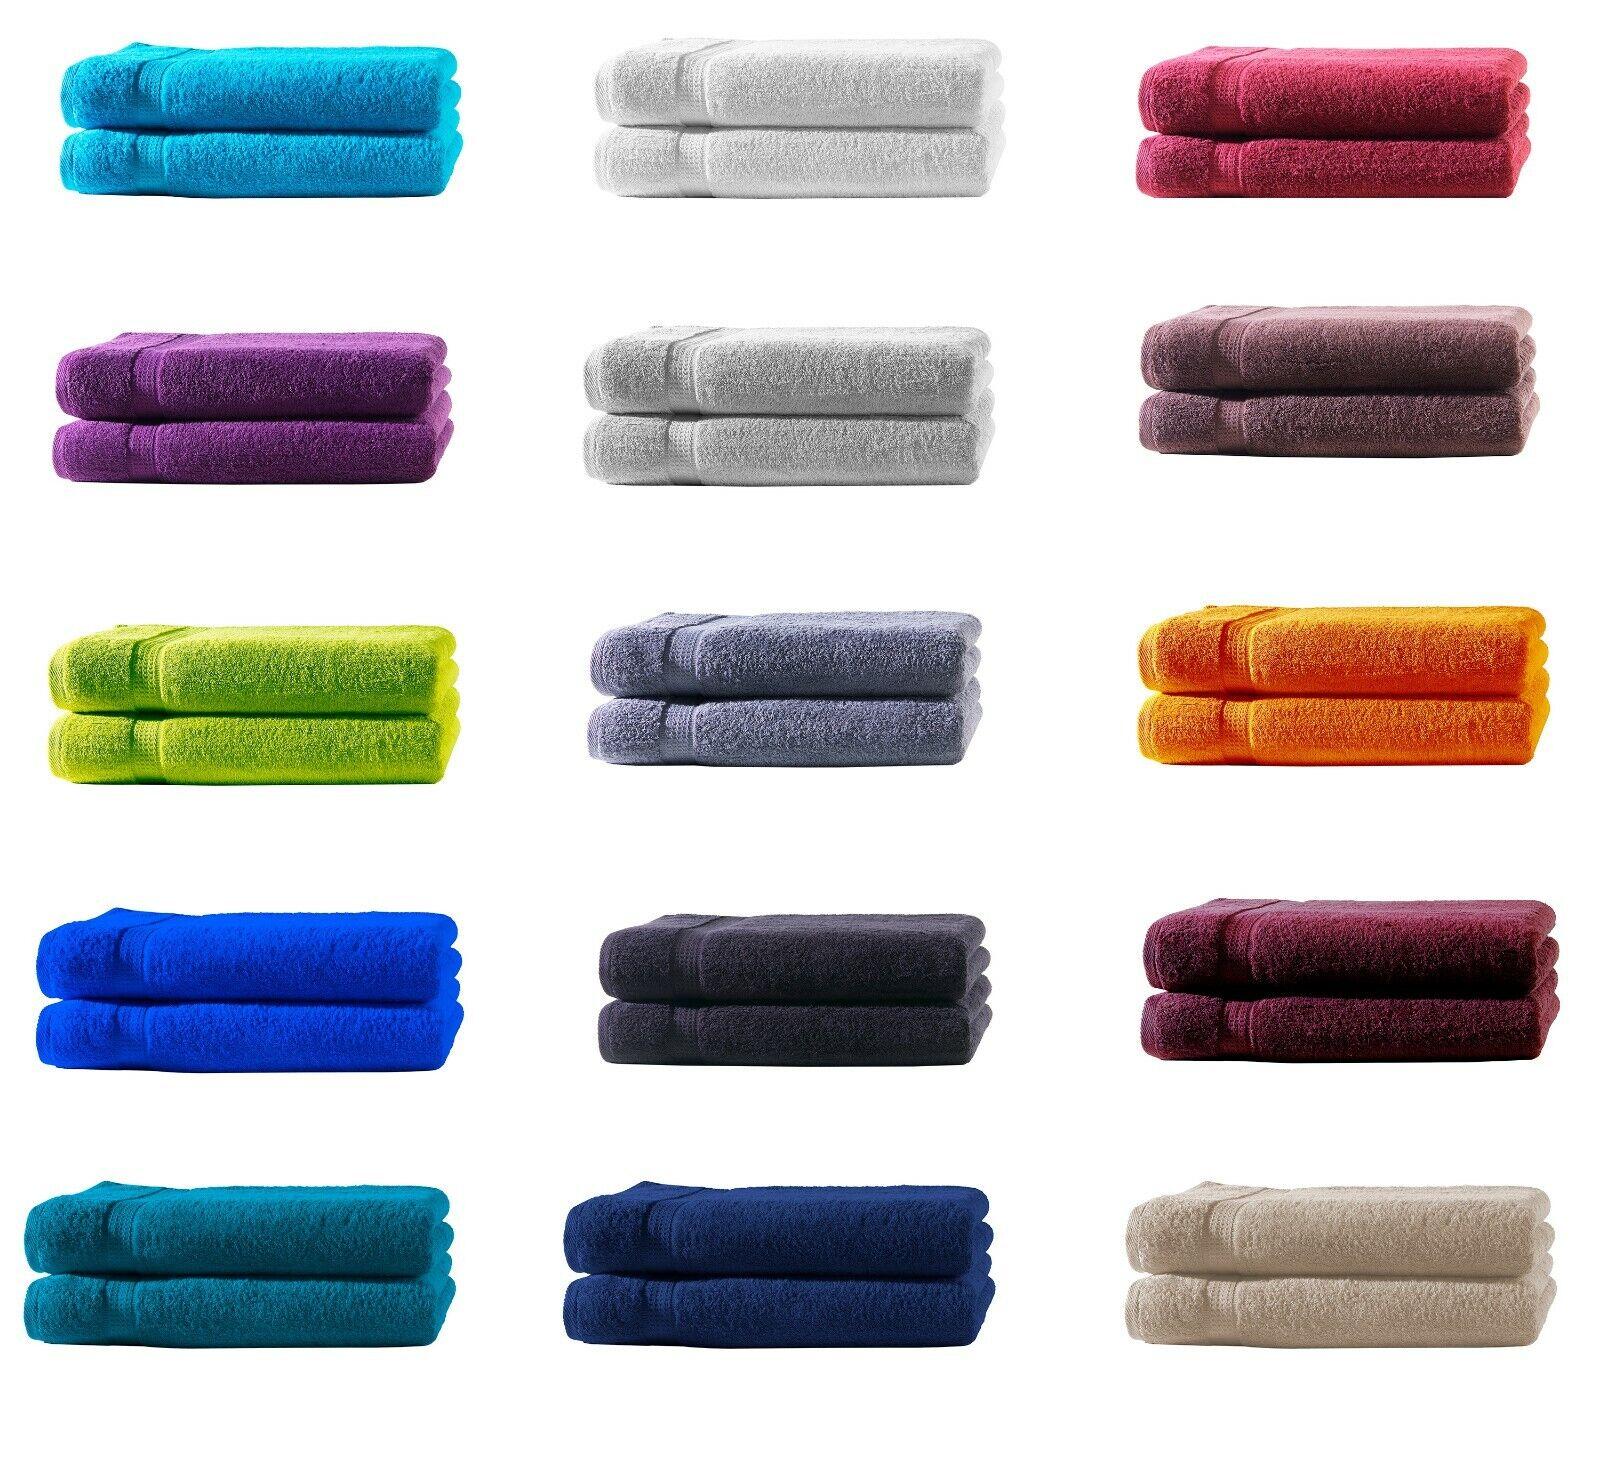 Gästetücher + Handtücher + Duschtücher + Badetücher - Sets 100% BW, 500 g/m²